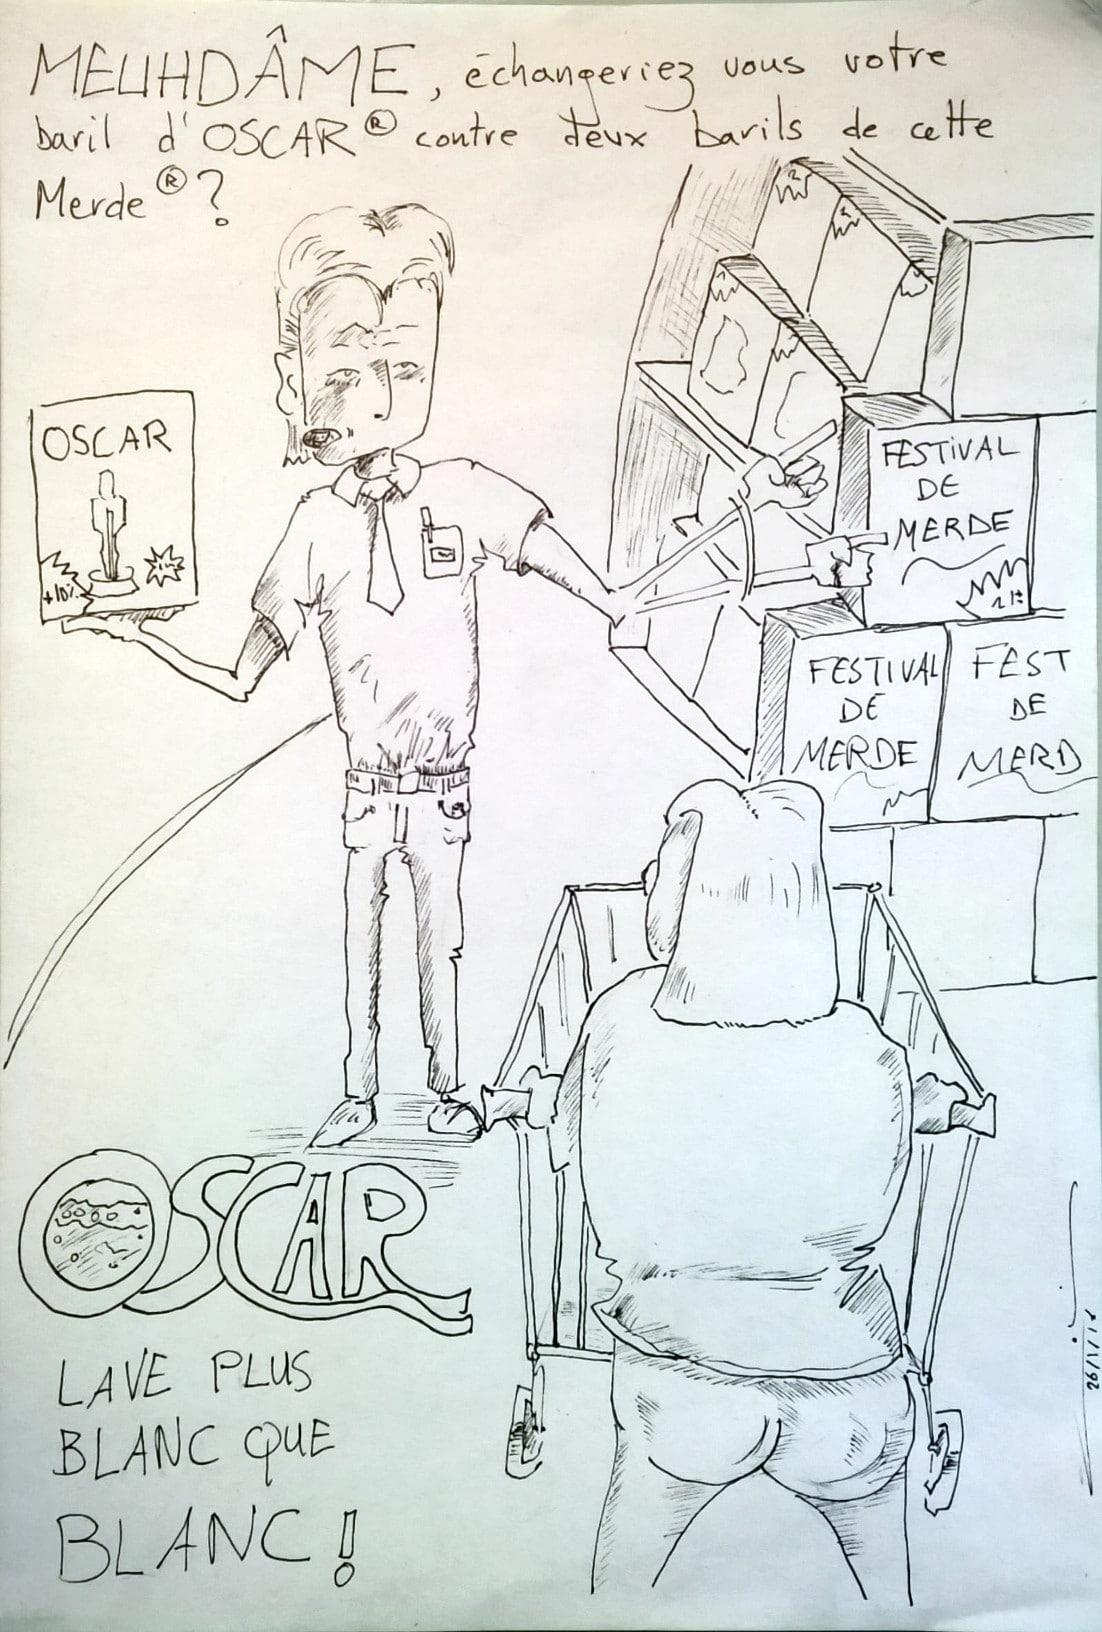 Colin-Gribouille-l'Actu-Oscar-plus-blanc-que-blanc